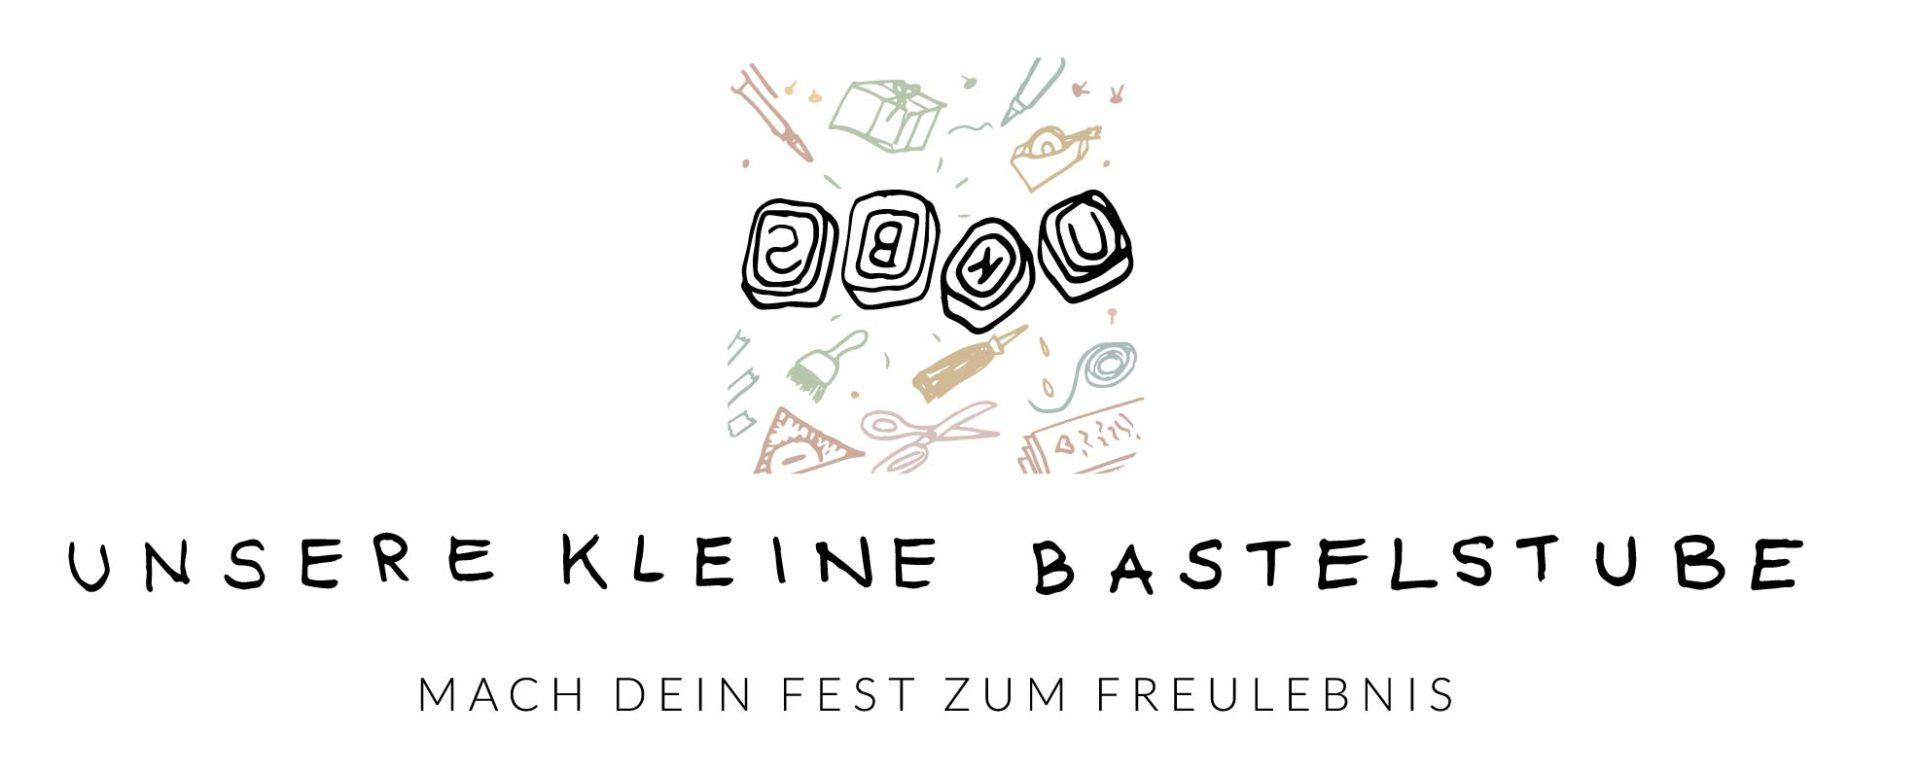 Unsere kleine Bastelstube - DIY Bastelideen-Bastelshop-Workshops